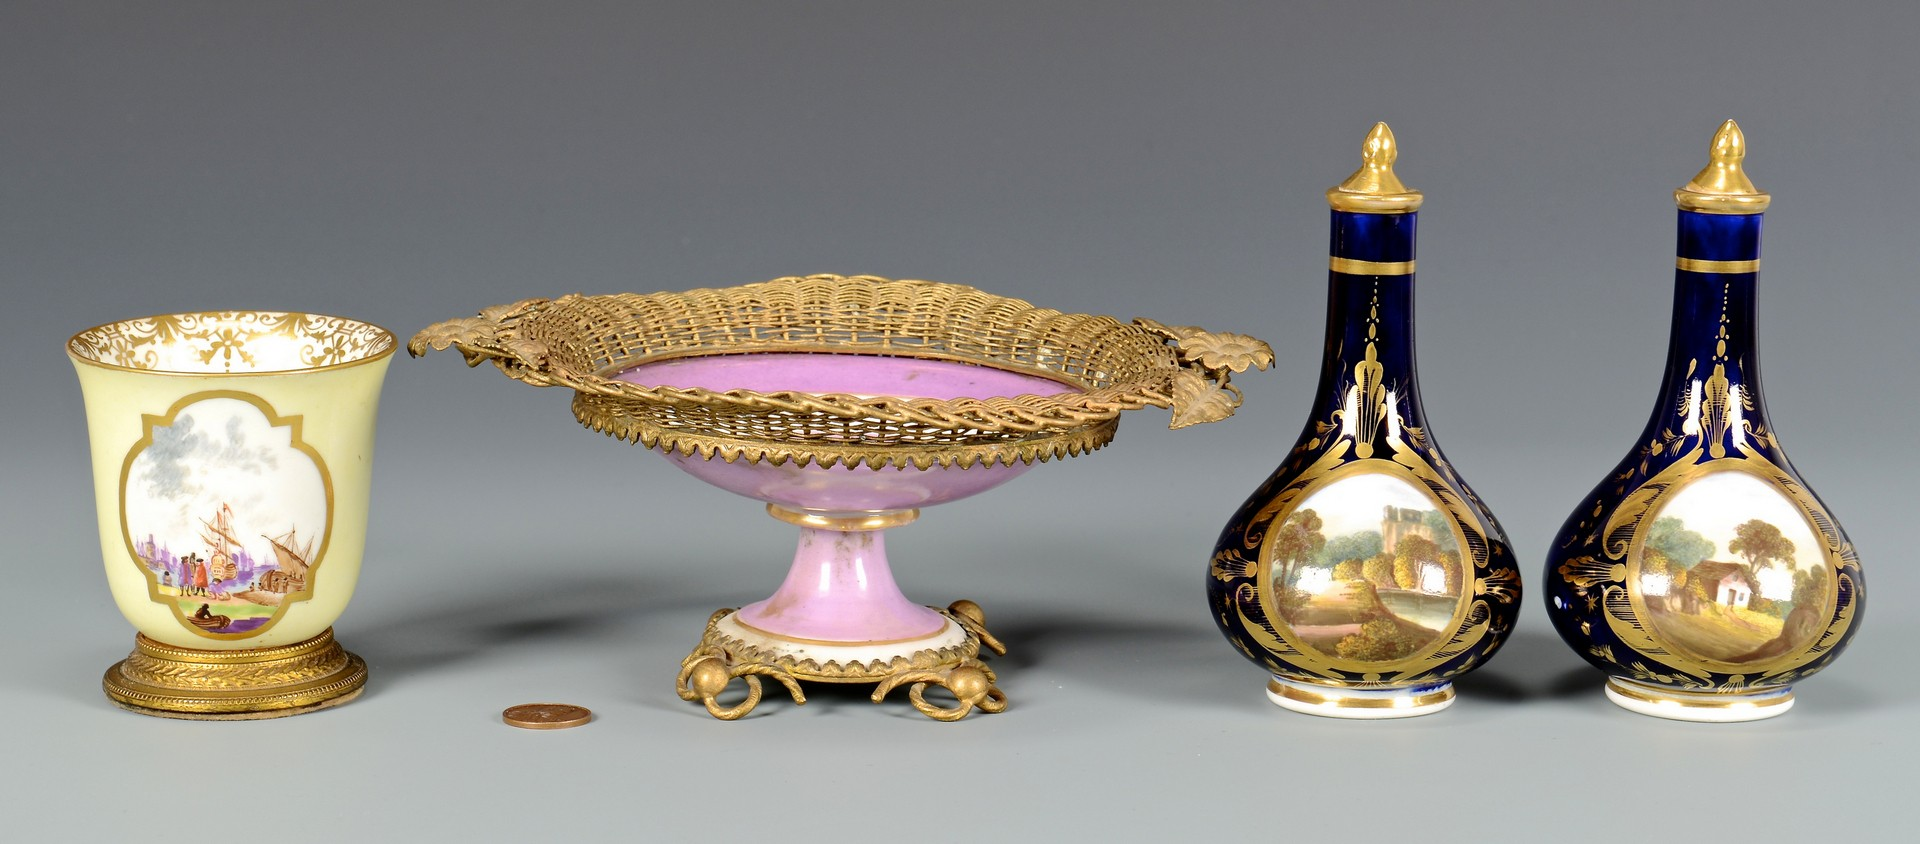 Lot 478: 4 pcs Continental Porcelain